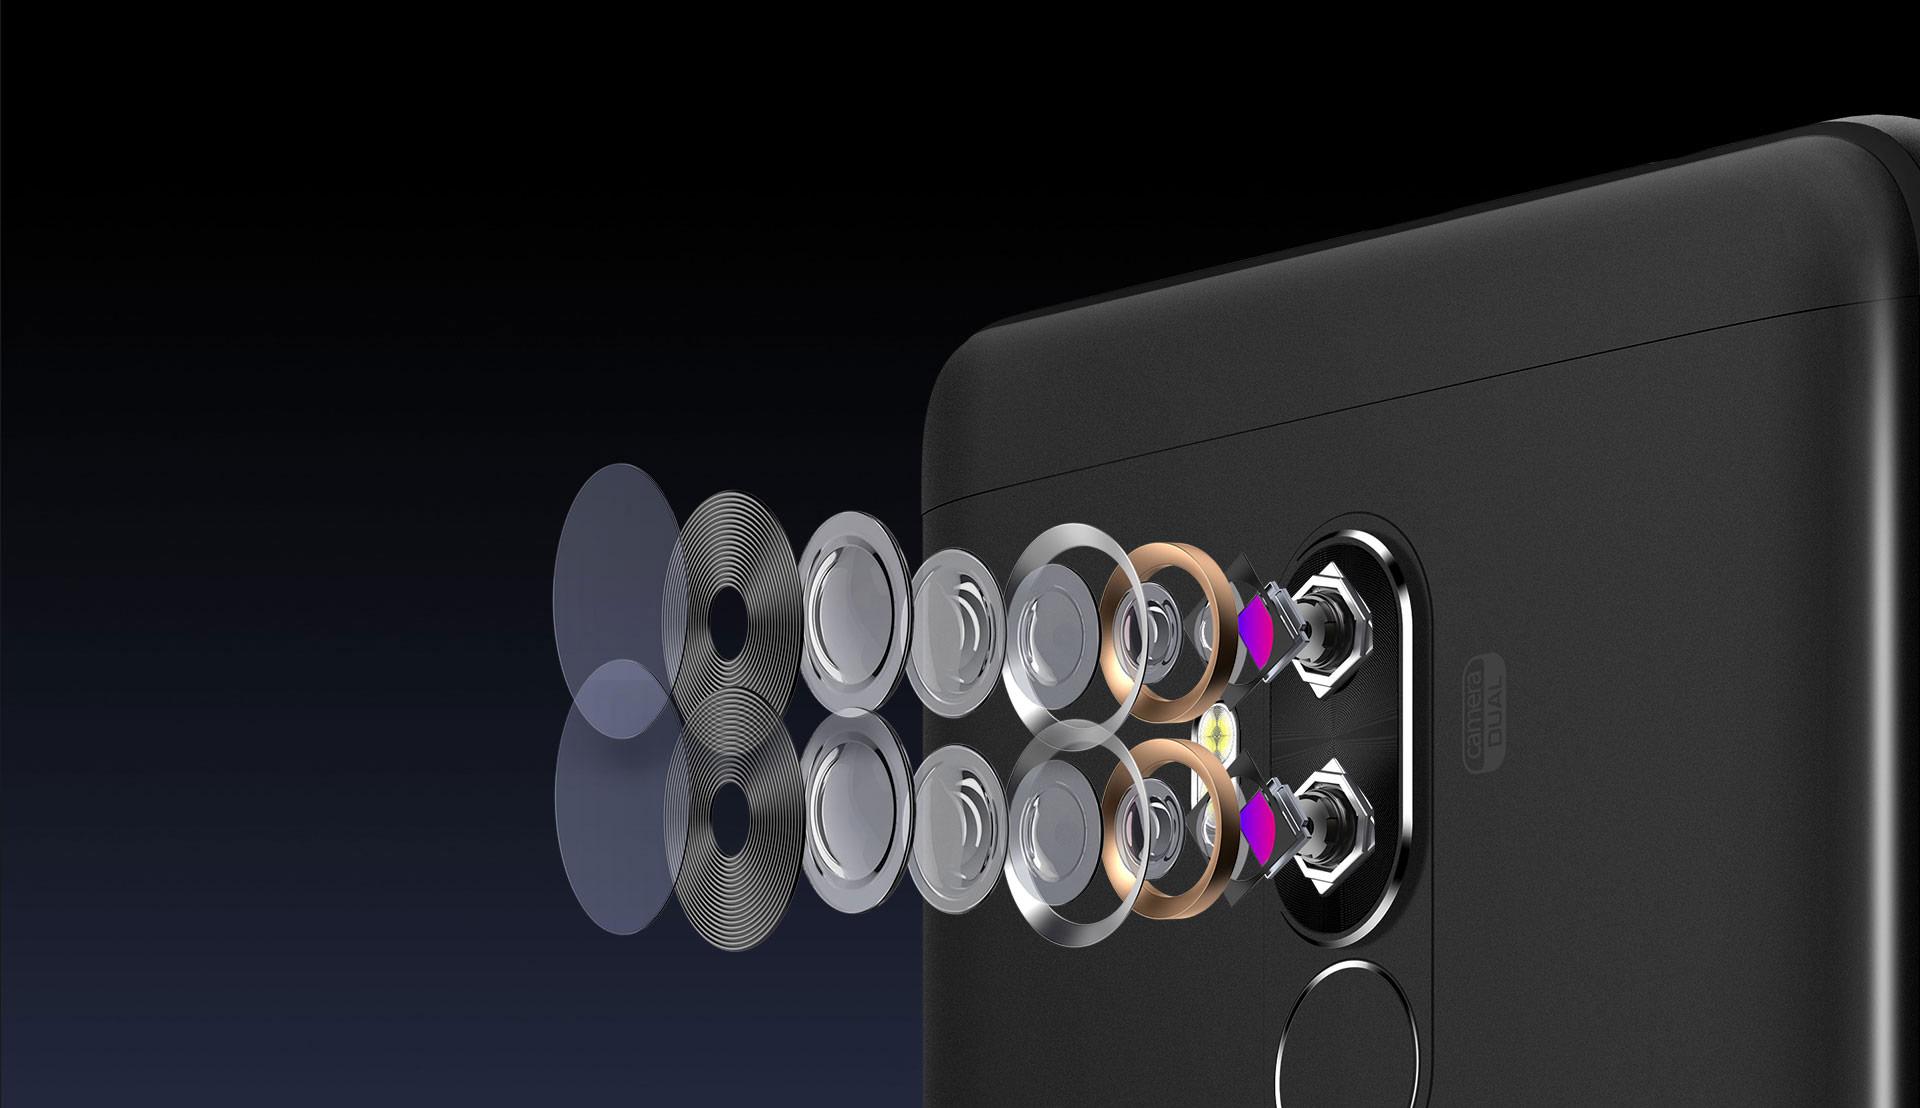 Bluboo-D1-Rear-Cameras-2